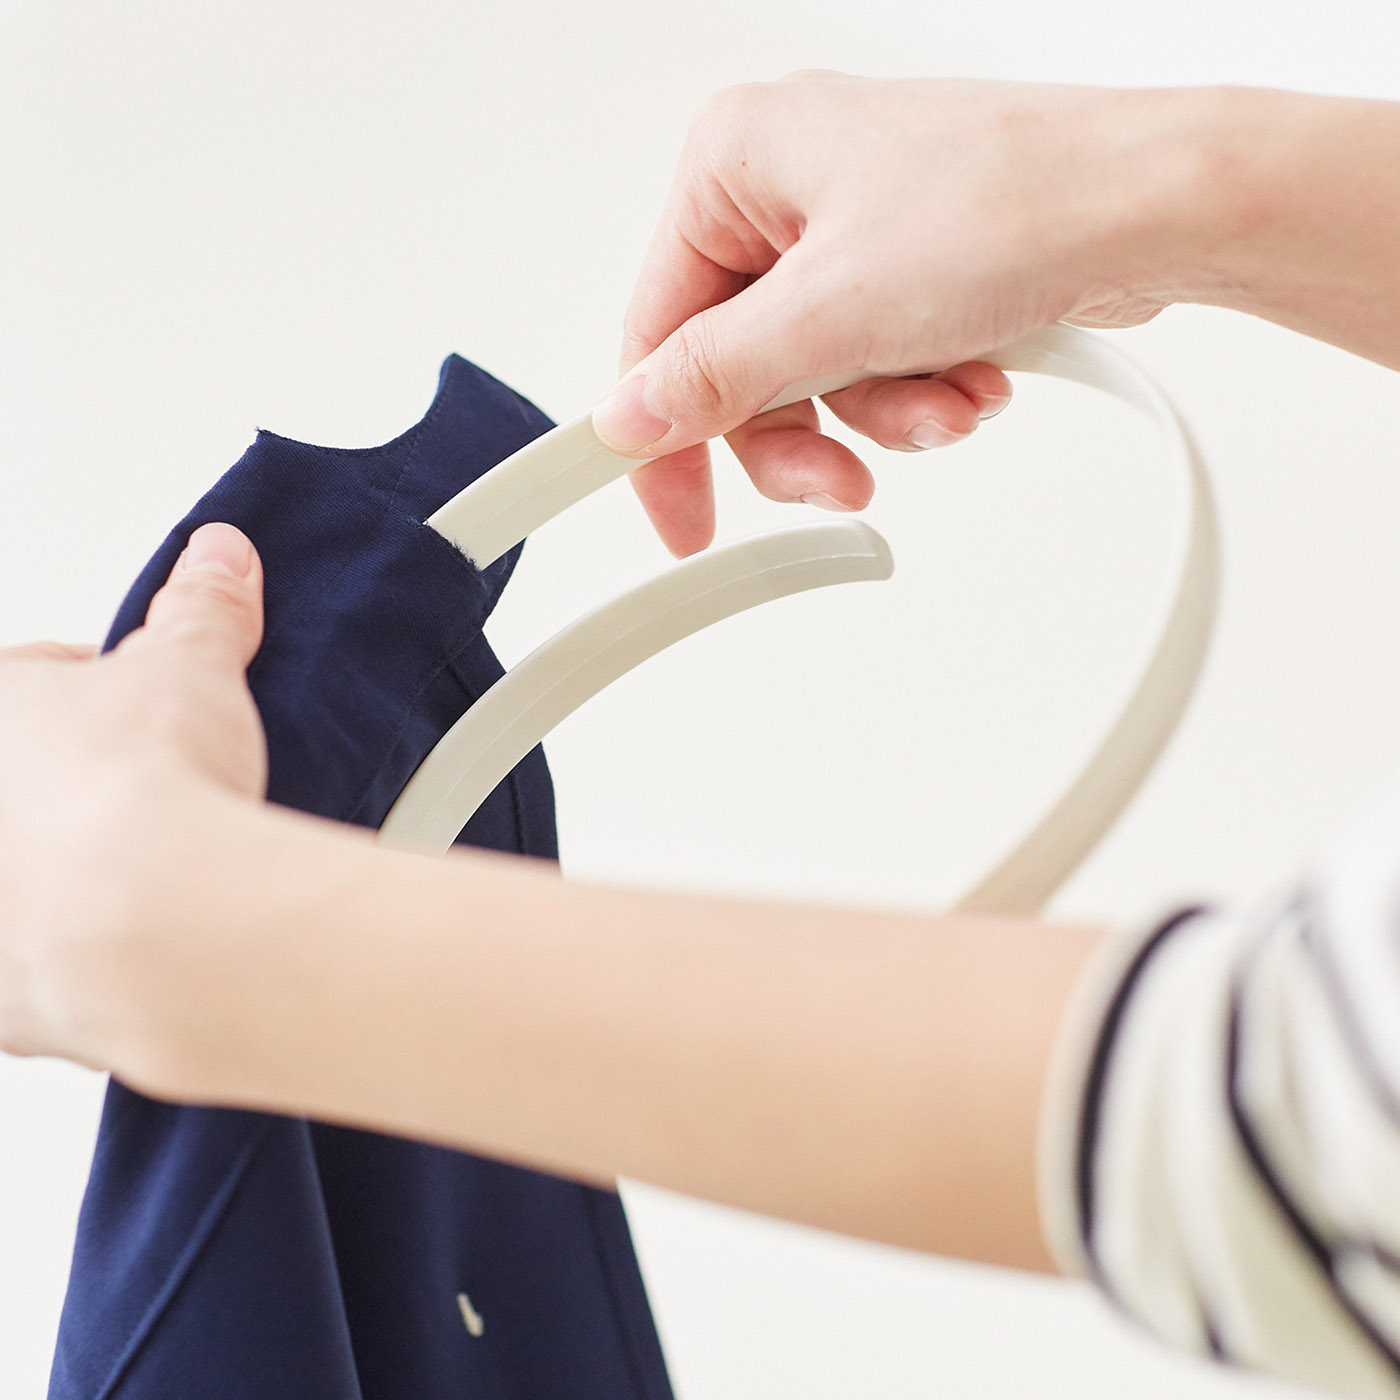 [パカッとホルダー付き]ウエスト裏に通して使うホルダーは取り外し可能。ソフトな樹脂でやさしくフィット。